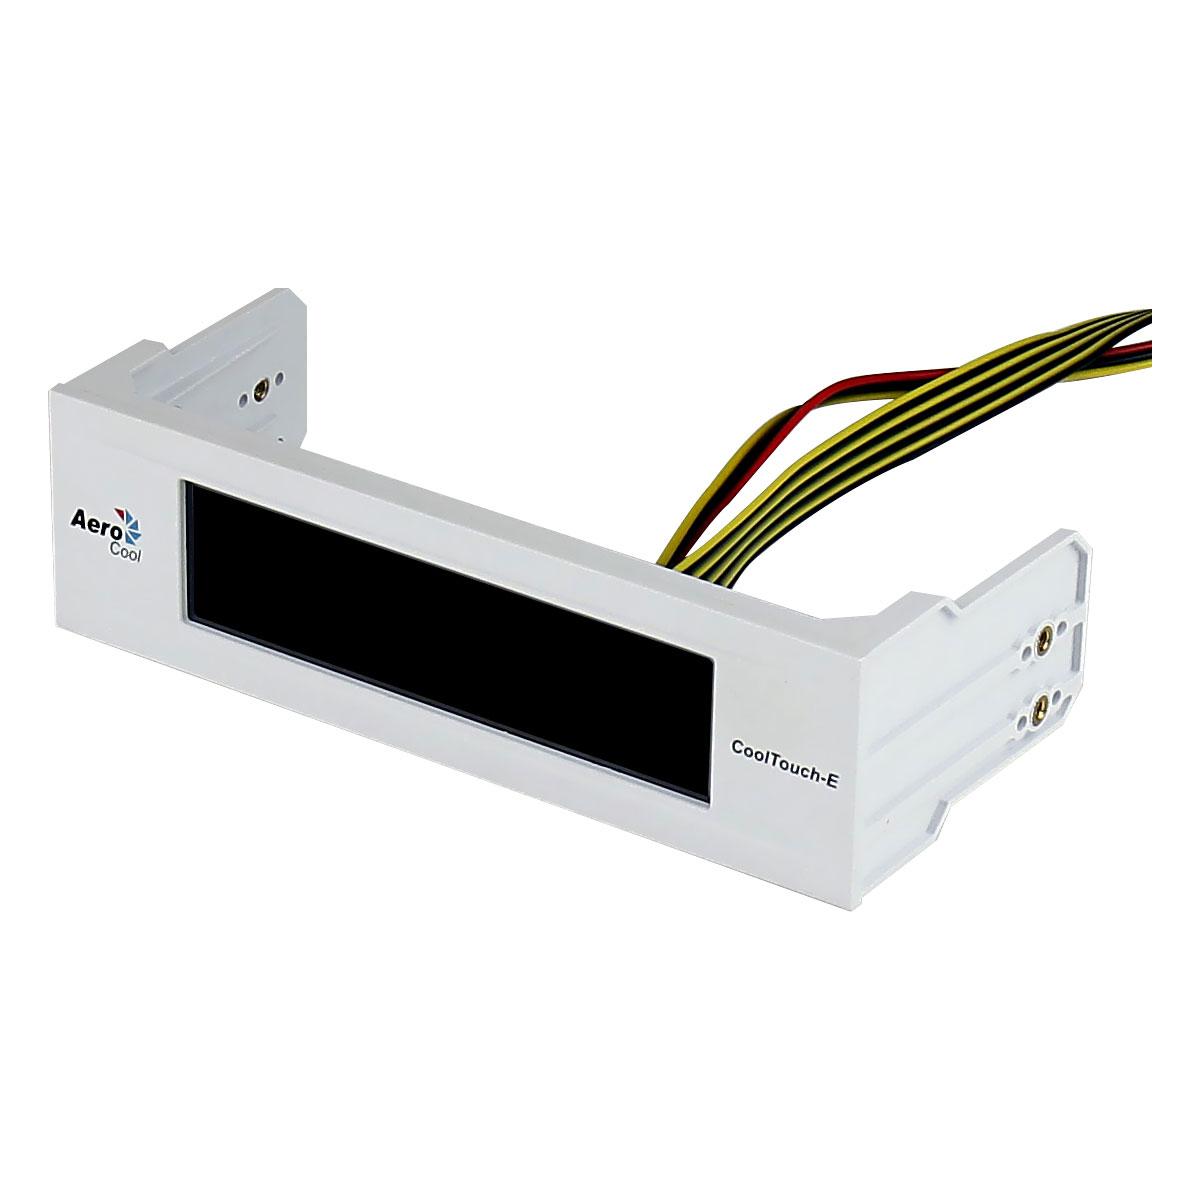 Rhéobus Aerocool CoolTouch-E Blanc Rhéobus à écran LCD tactile pour 4 ventilateurs et 7 couleurs interchangeables